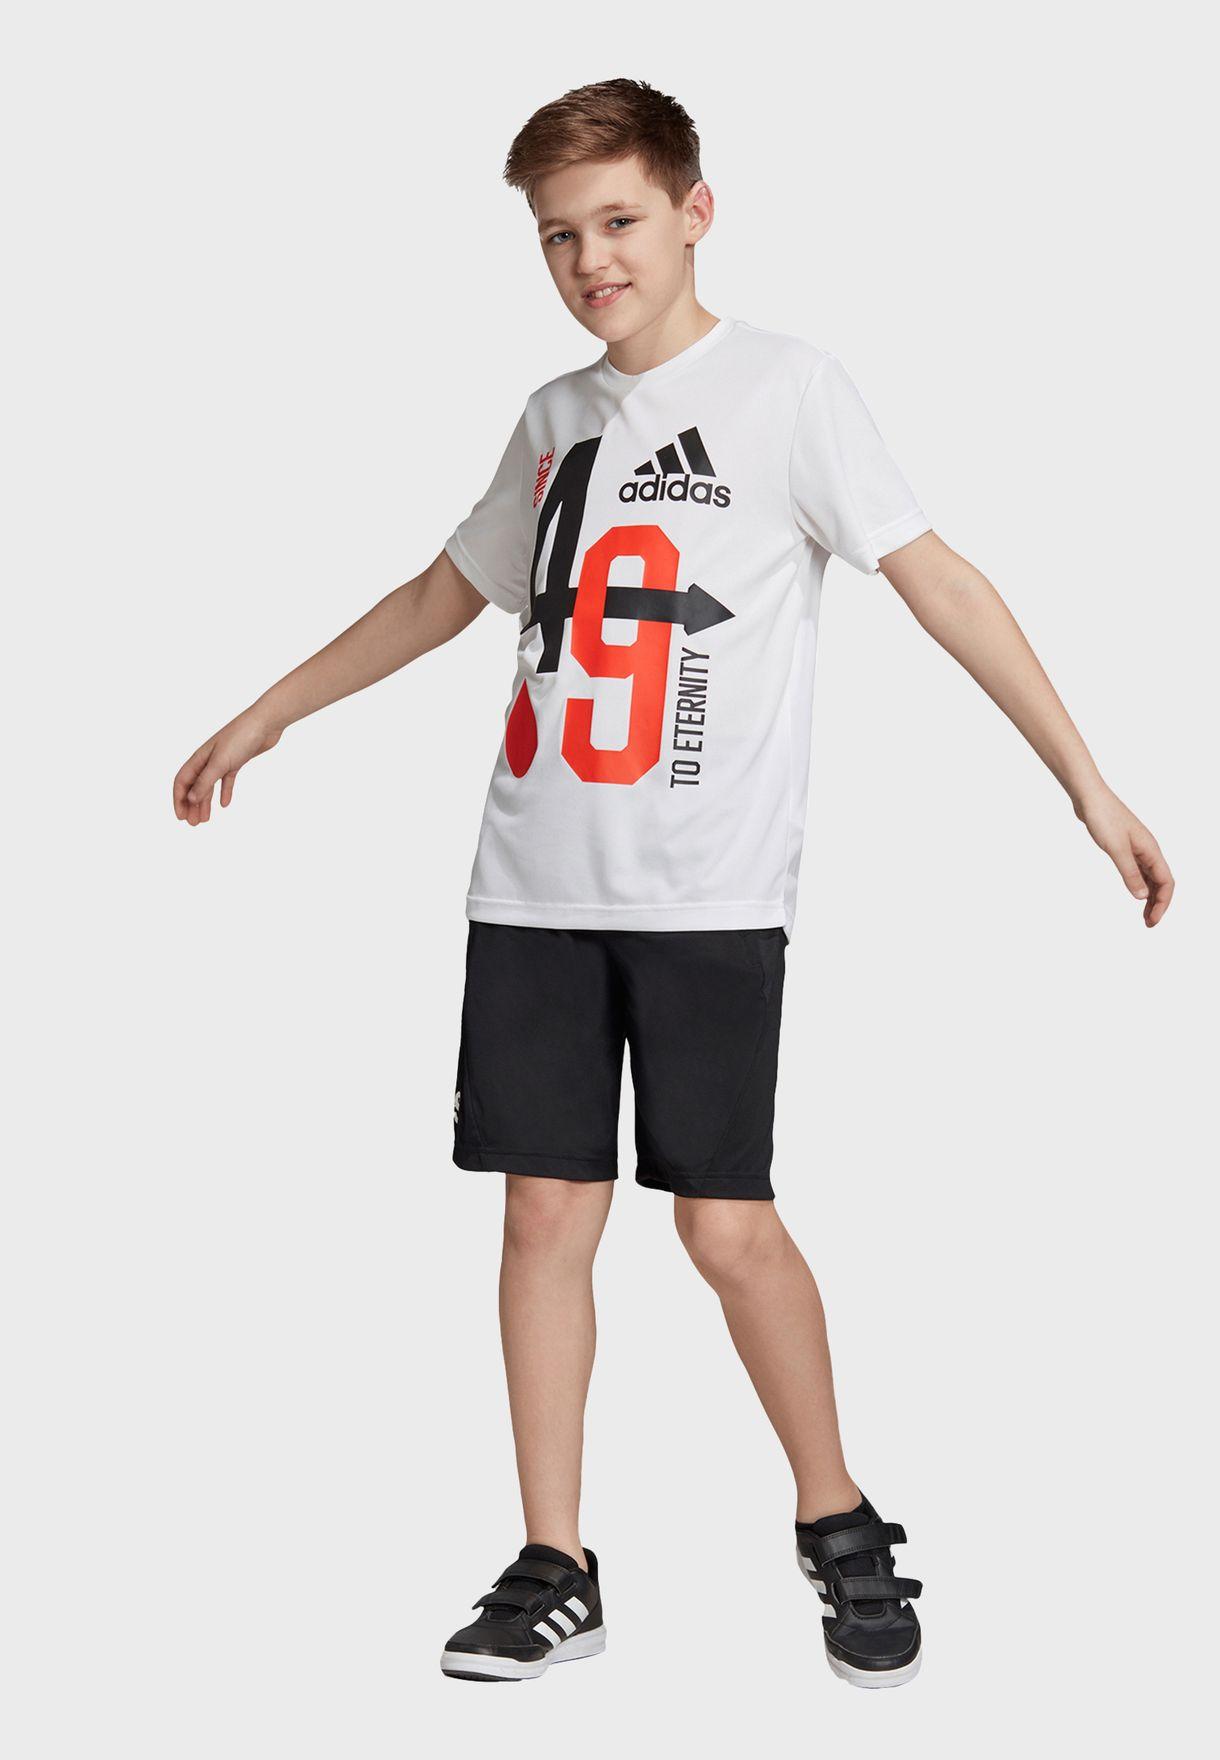 Youth Training Anniversary T-Shirt